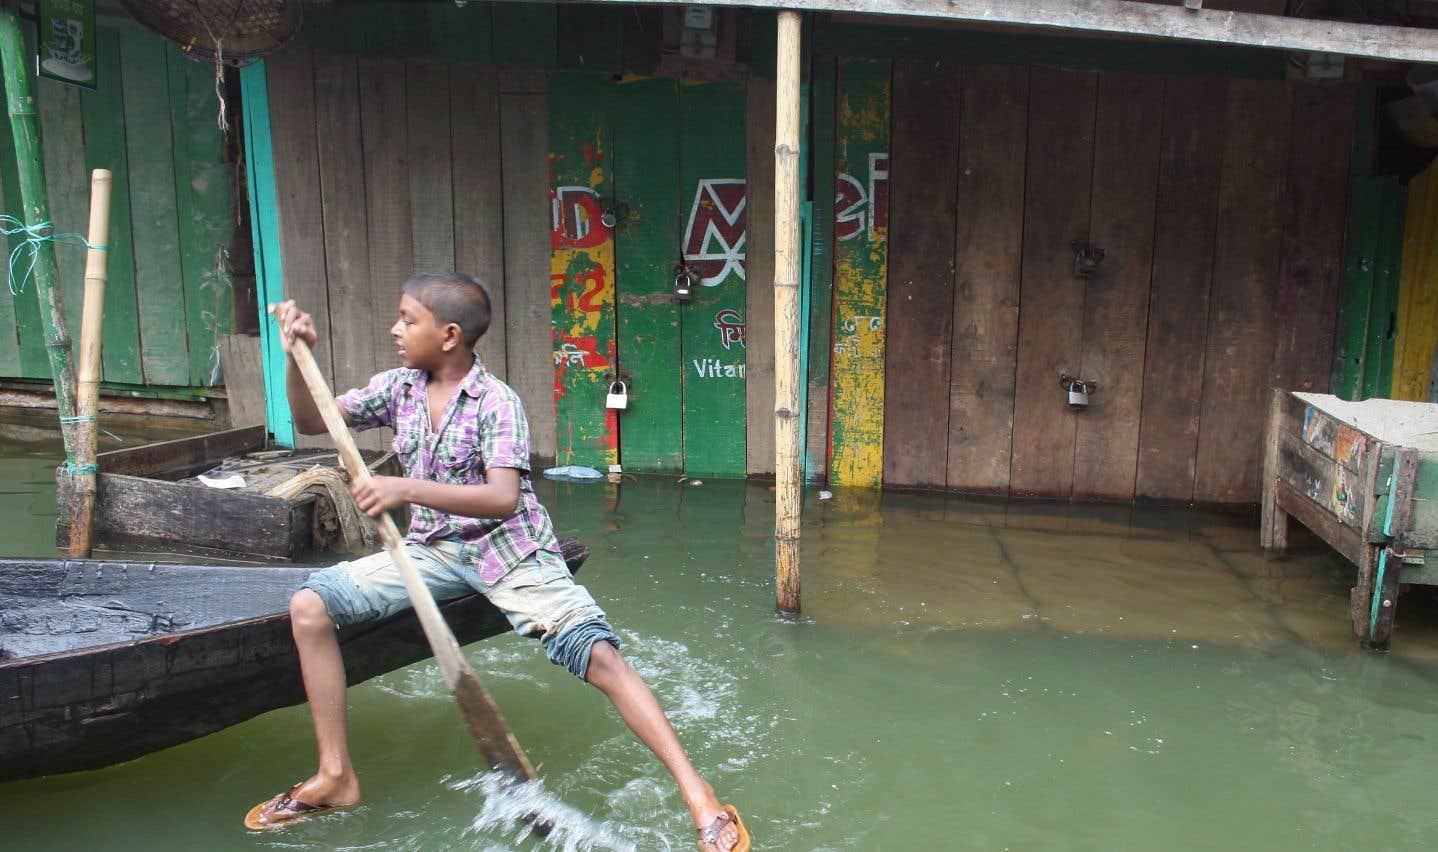 La noyade tue 14000 enfants chaque année au Bangladesh